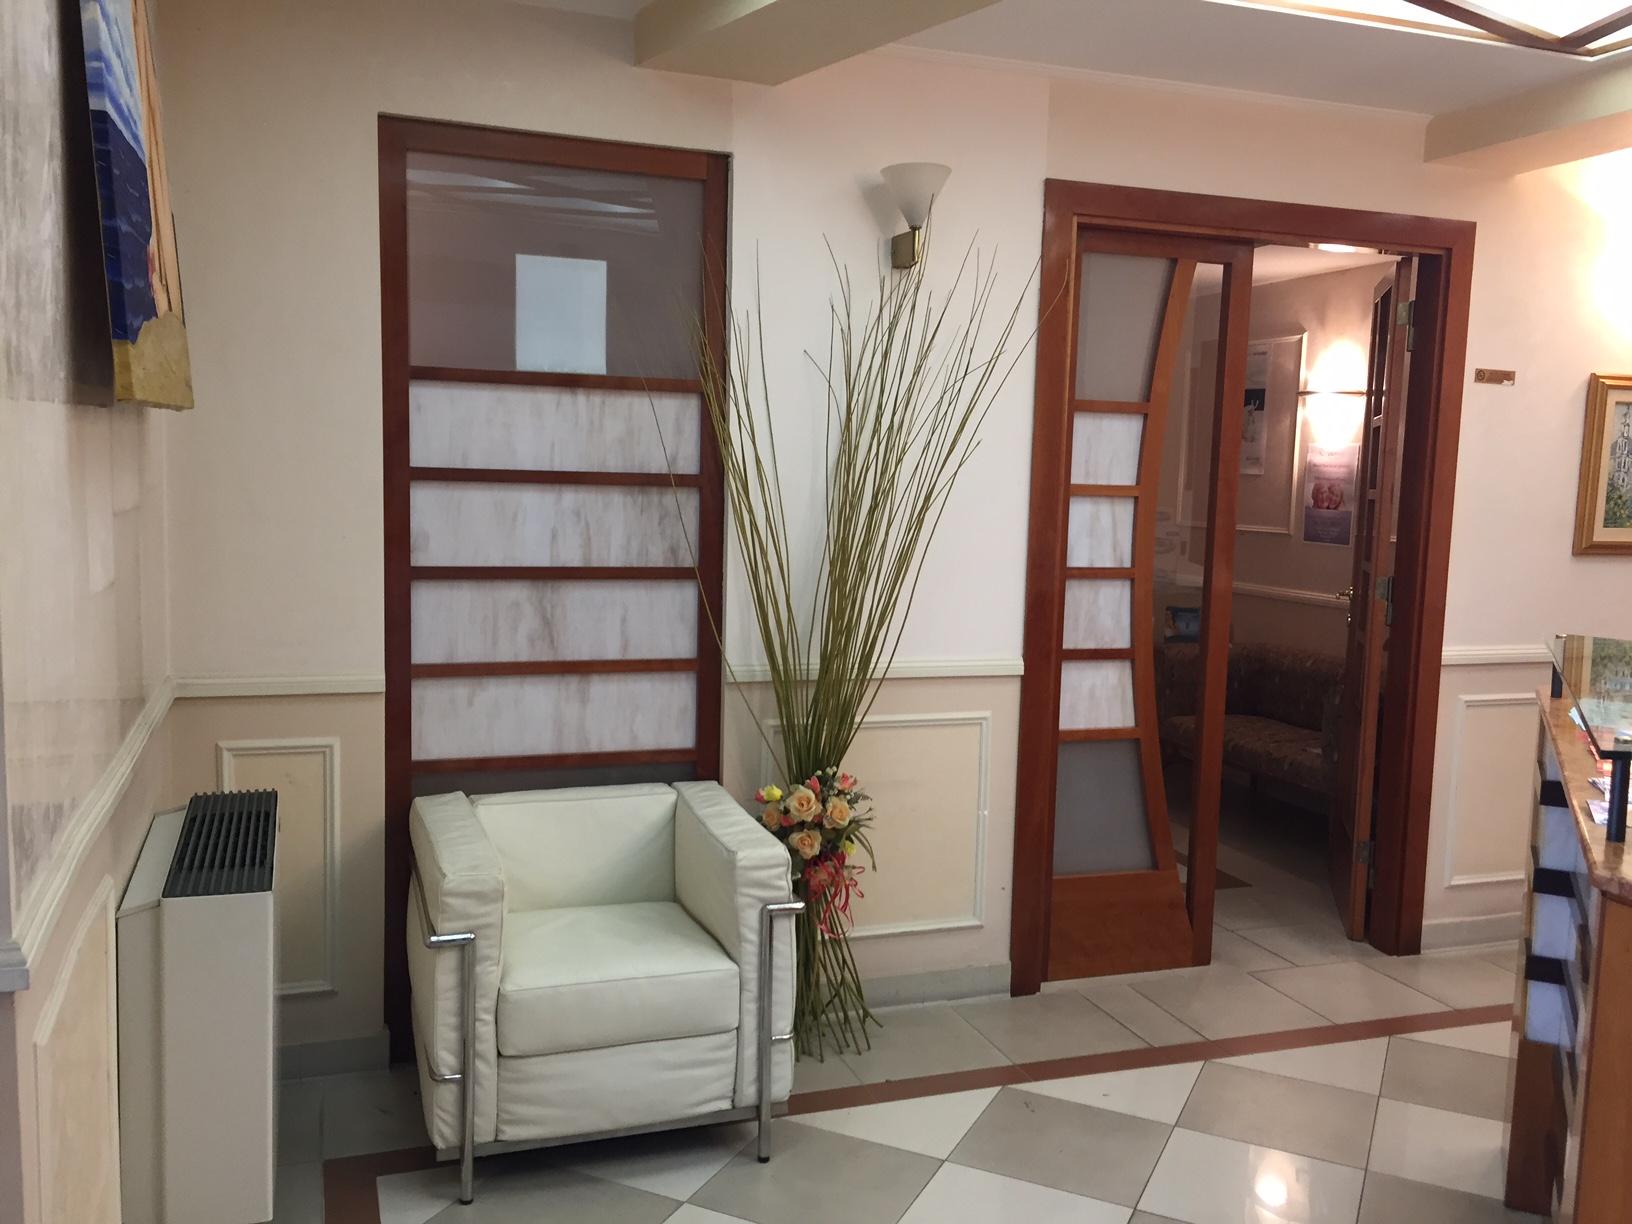 Ufficio / Studio in vendita a Viterbo, 9999 locali, zona Zona: Semicentro, prezzo € 180.000 | Cambio Casa.it